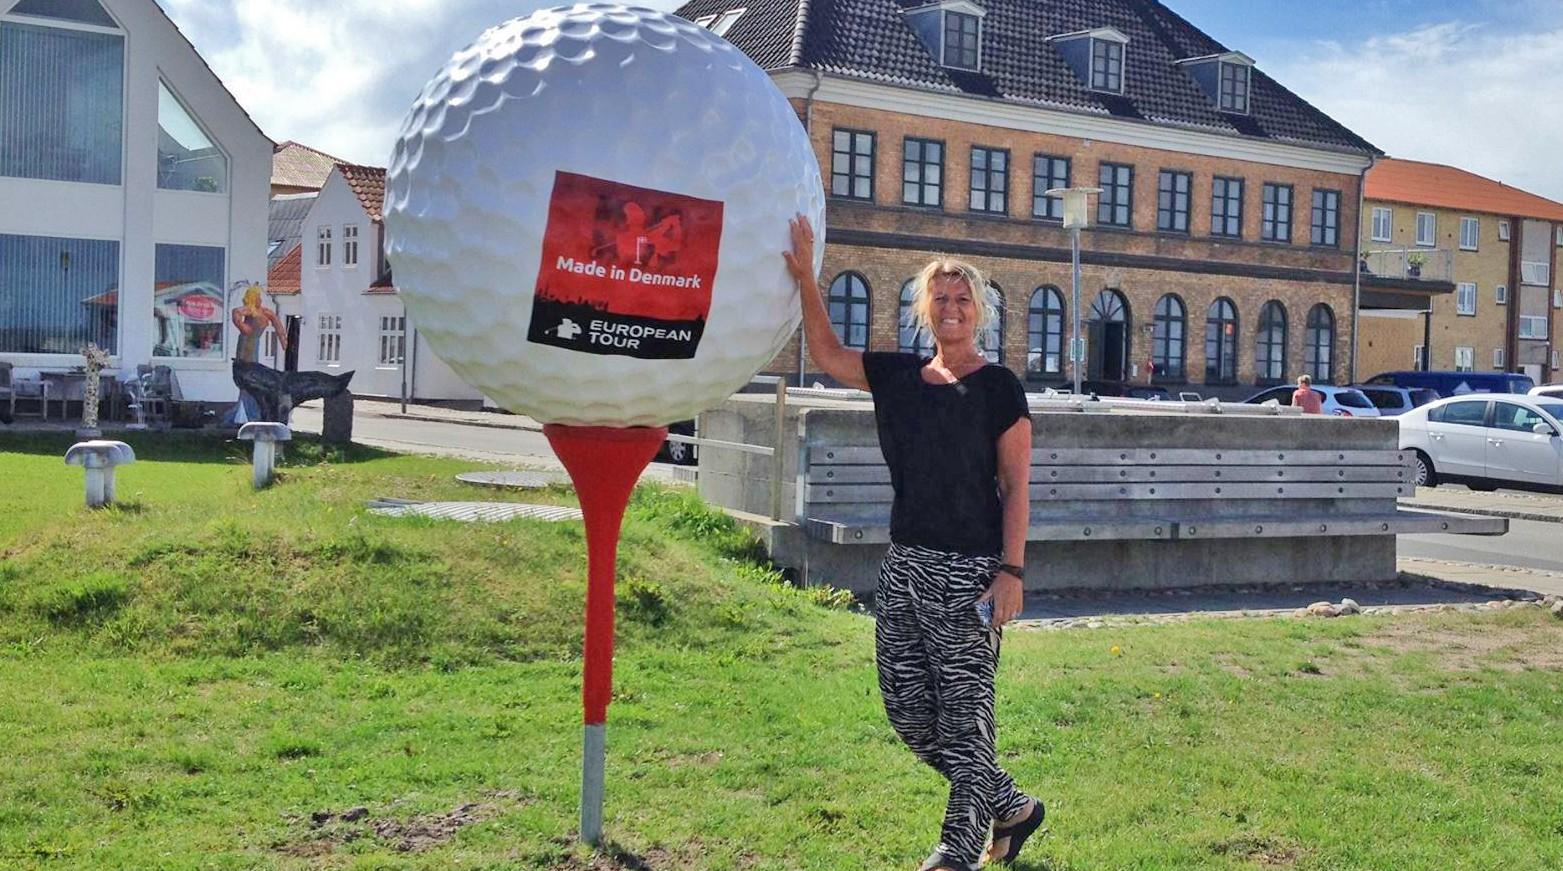 Made in Denmark, Oosterhof